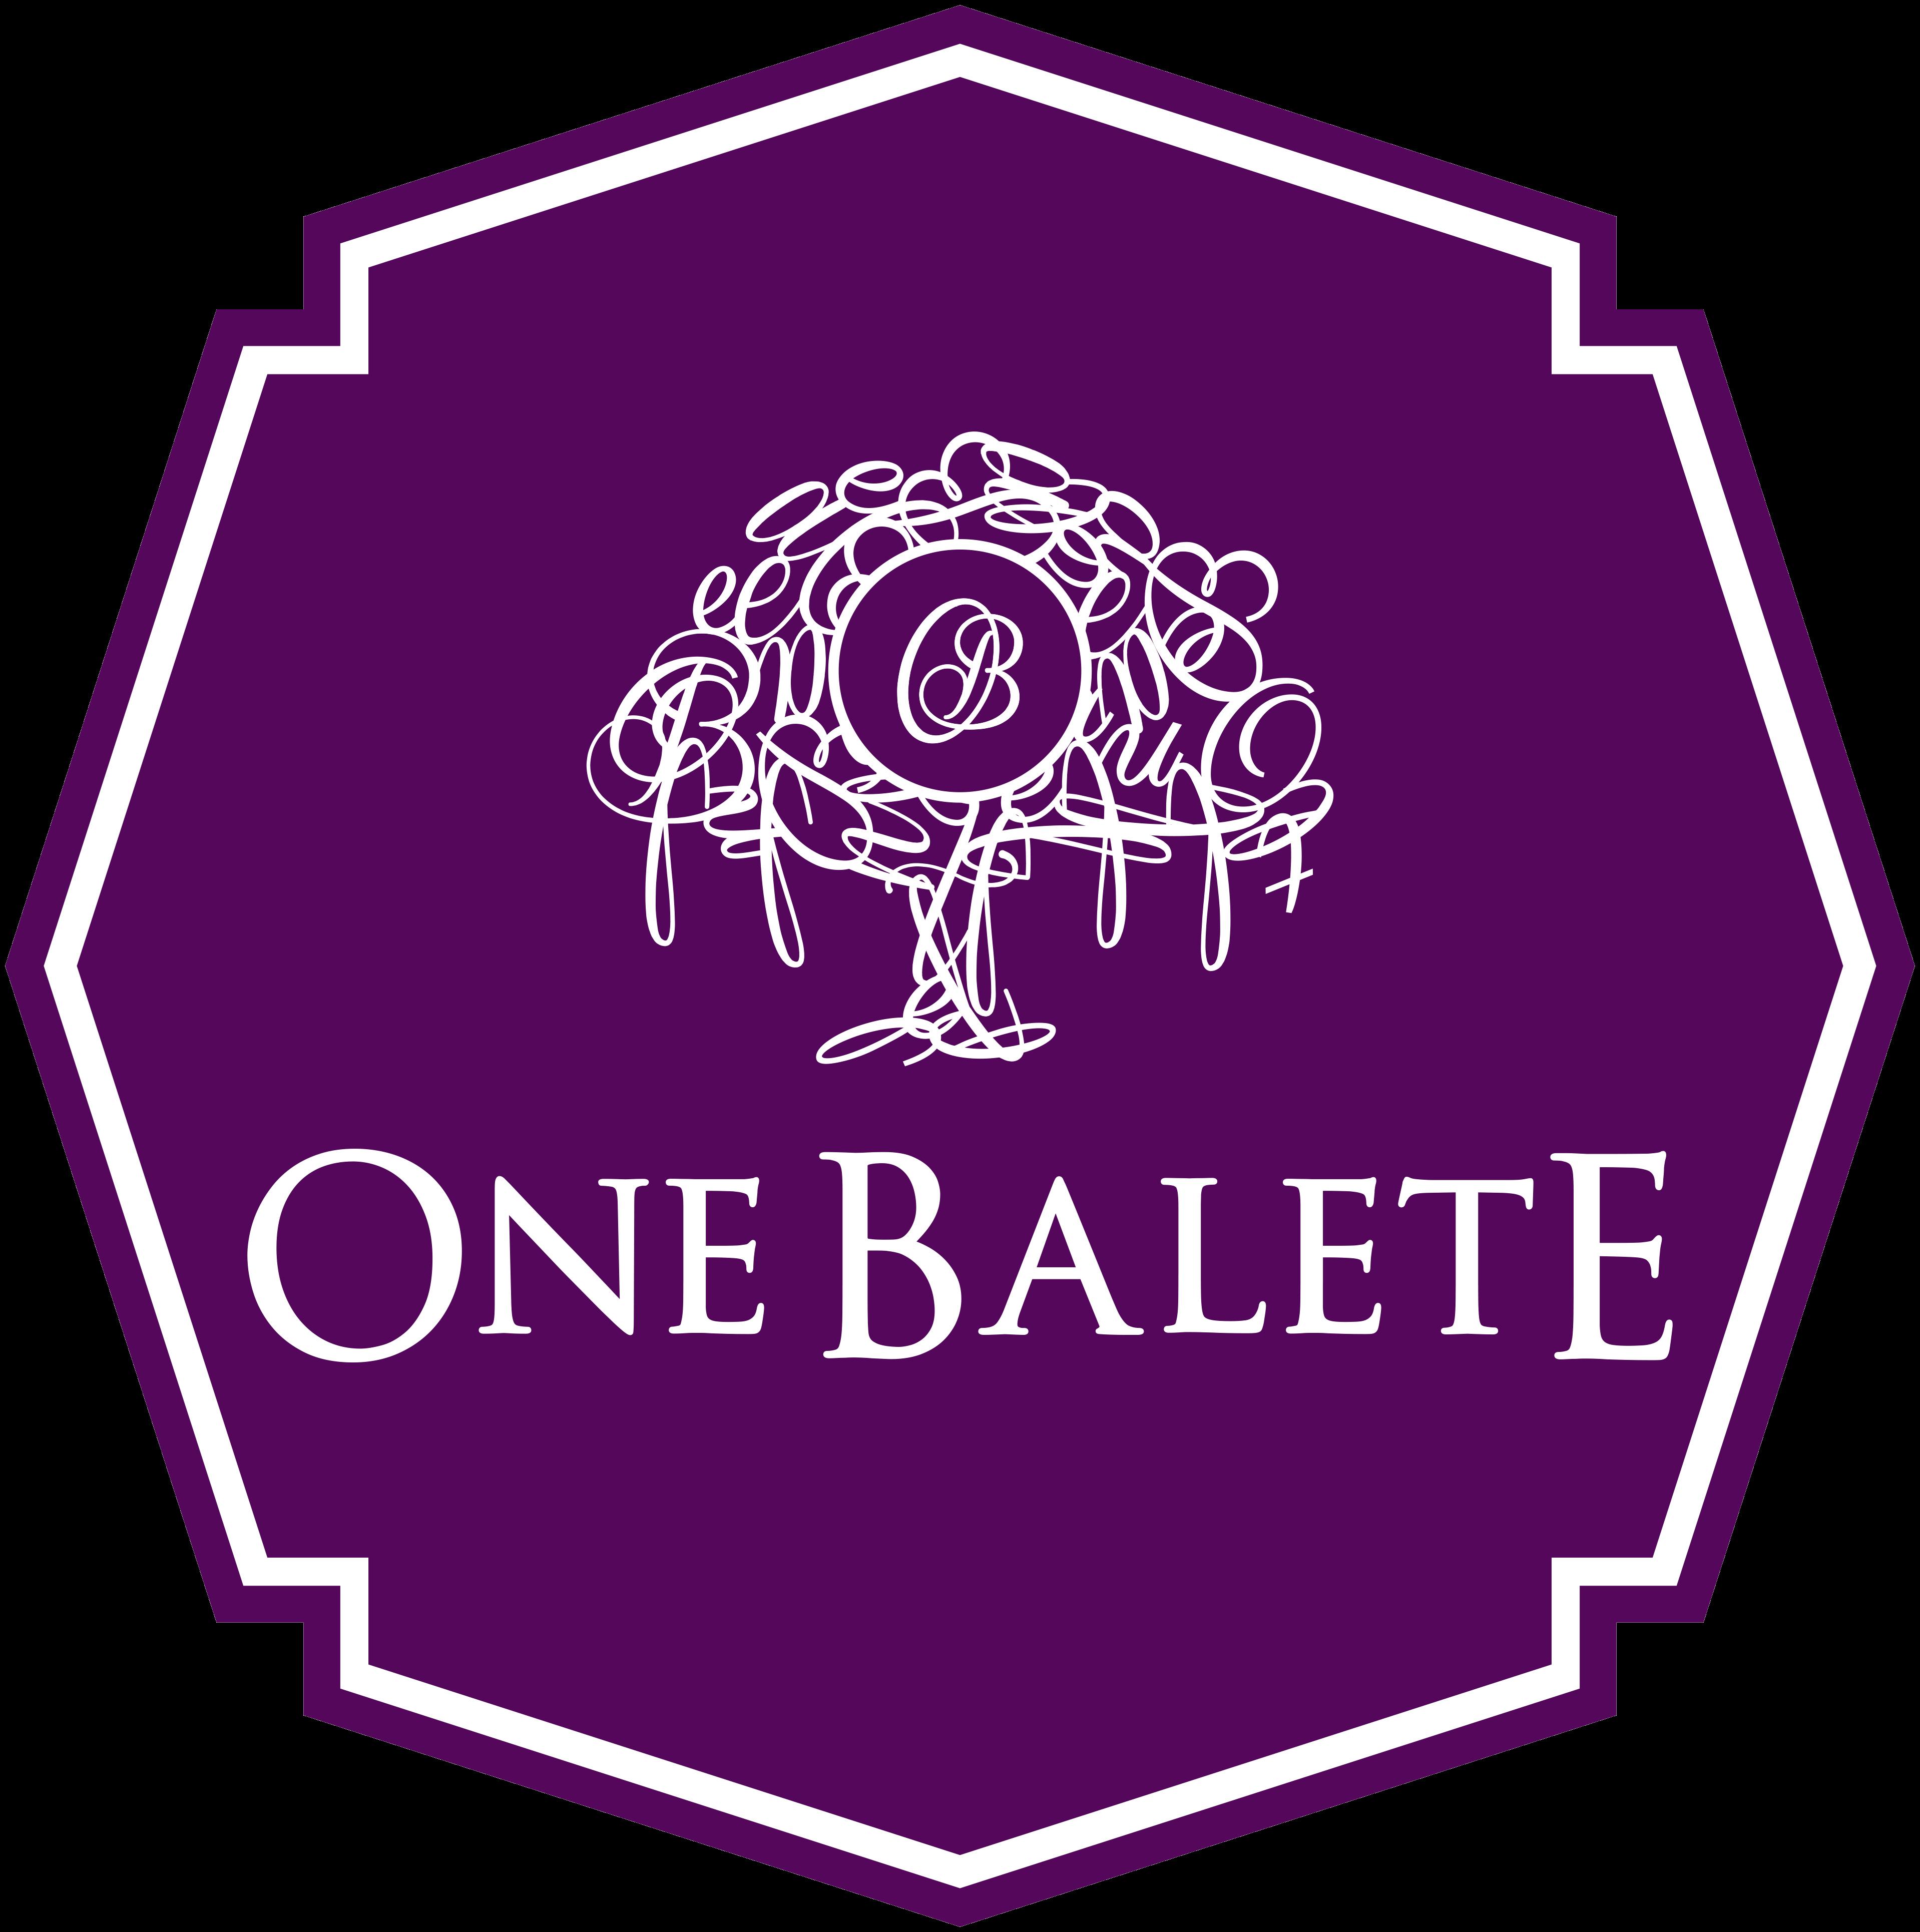 OneBalete